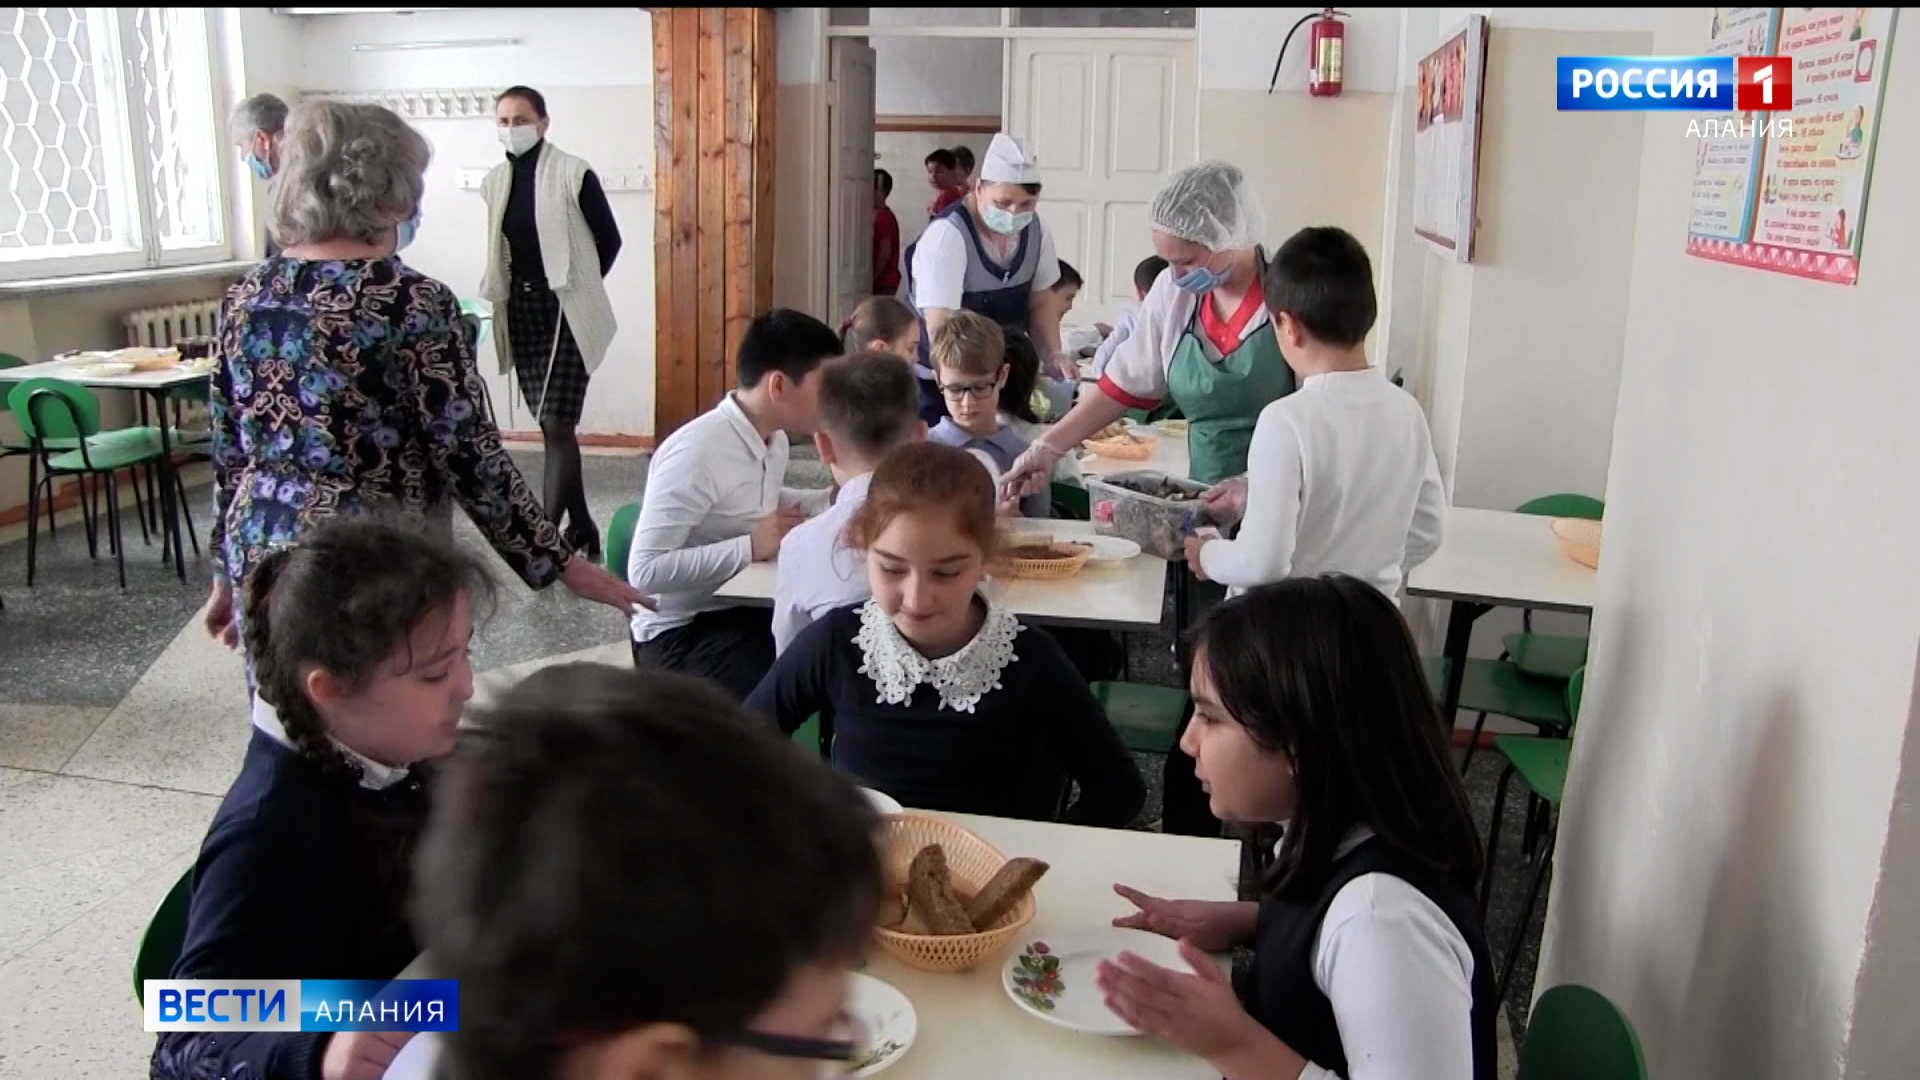 Активисты ОНФ выявили недостатки в организации системы горячего питания в двух школах Моздока